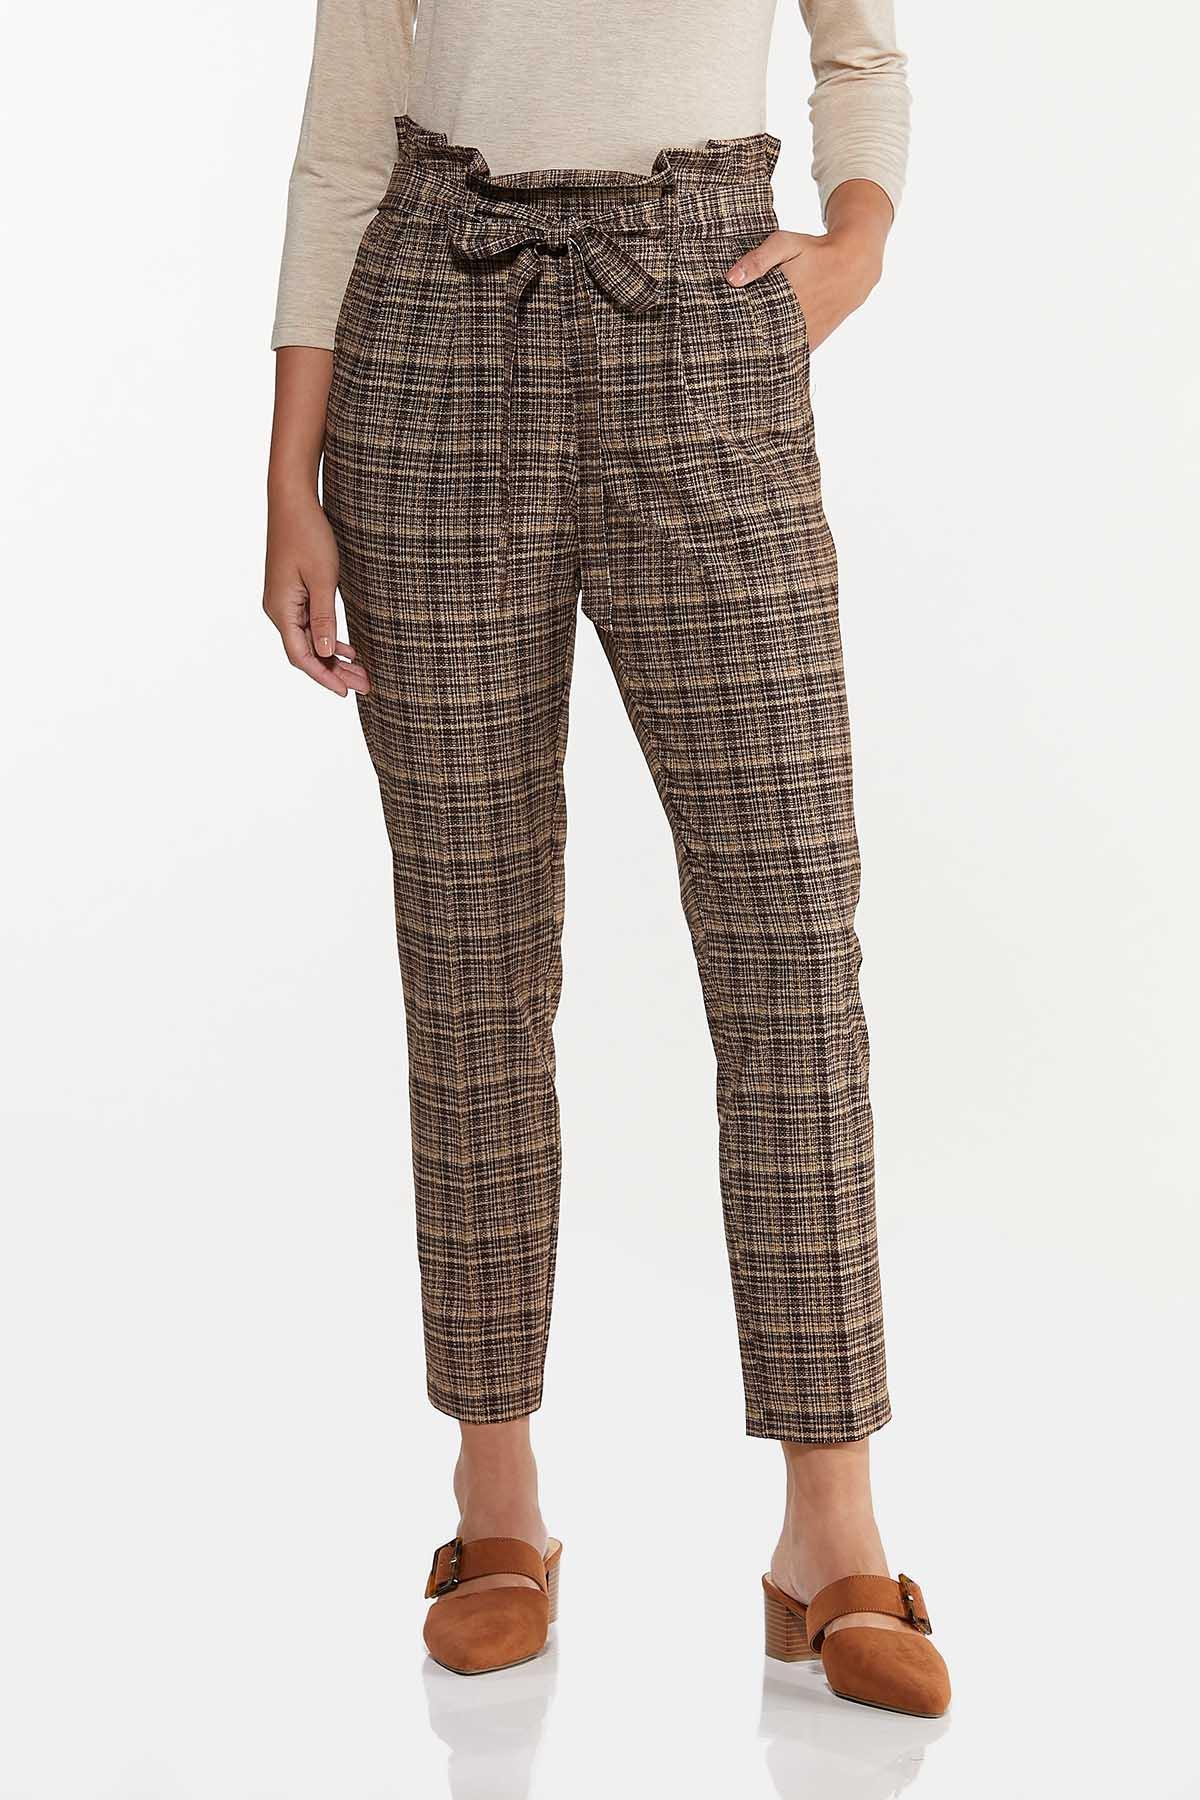 Brown Marled Tie Waist Pants